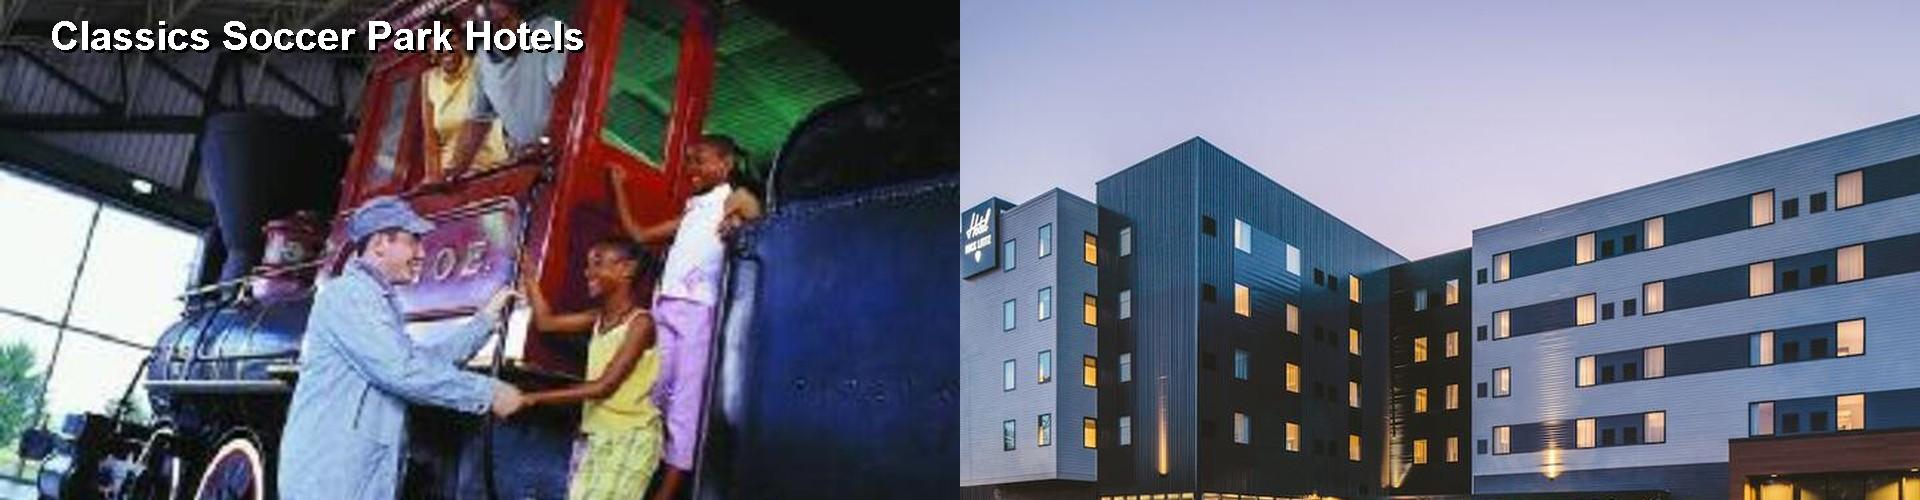 5 Best Hotels Near Clics Soccer Park